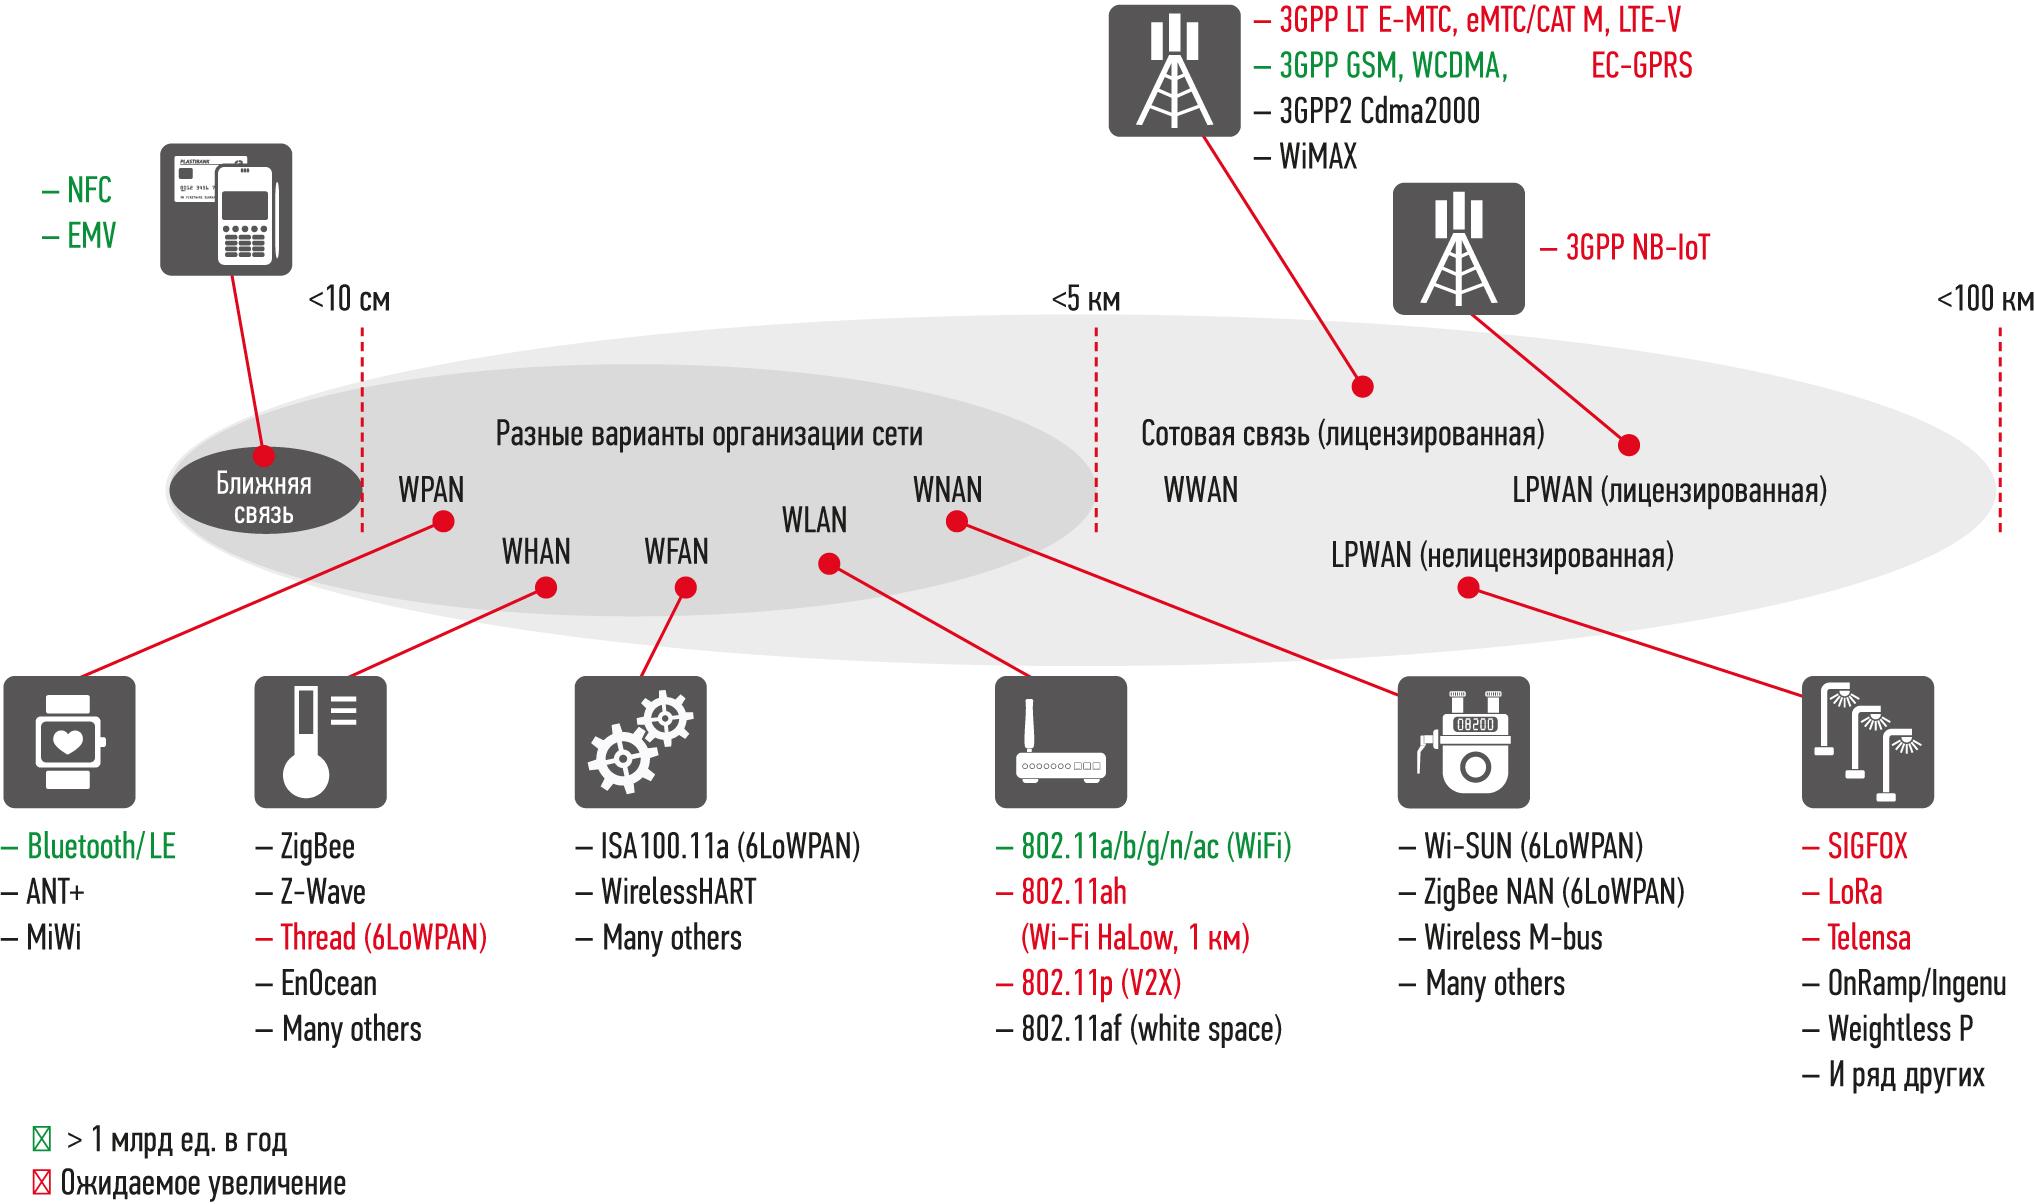 Технологии IoT, сгруппированные по рабочему диапазону покрытия